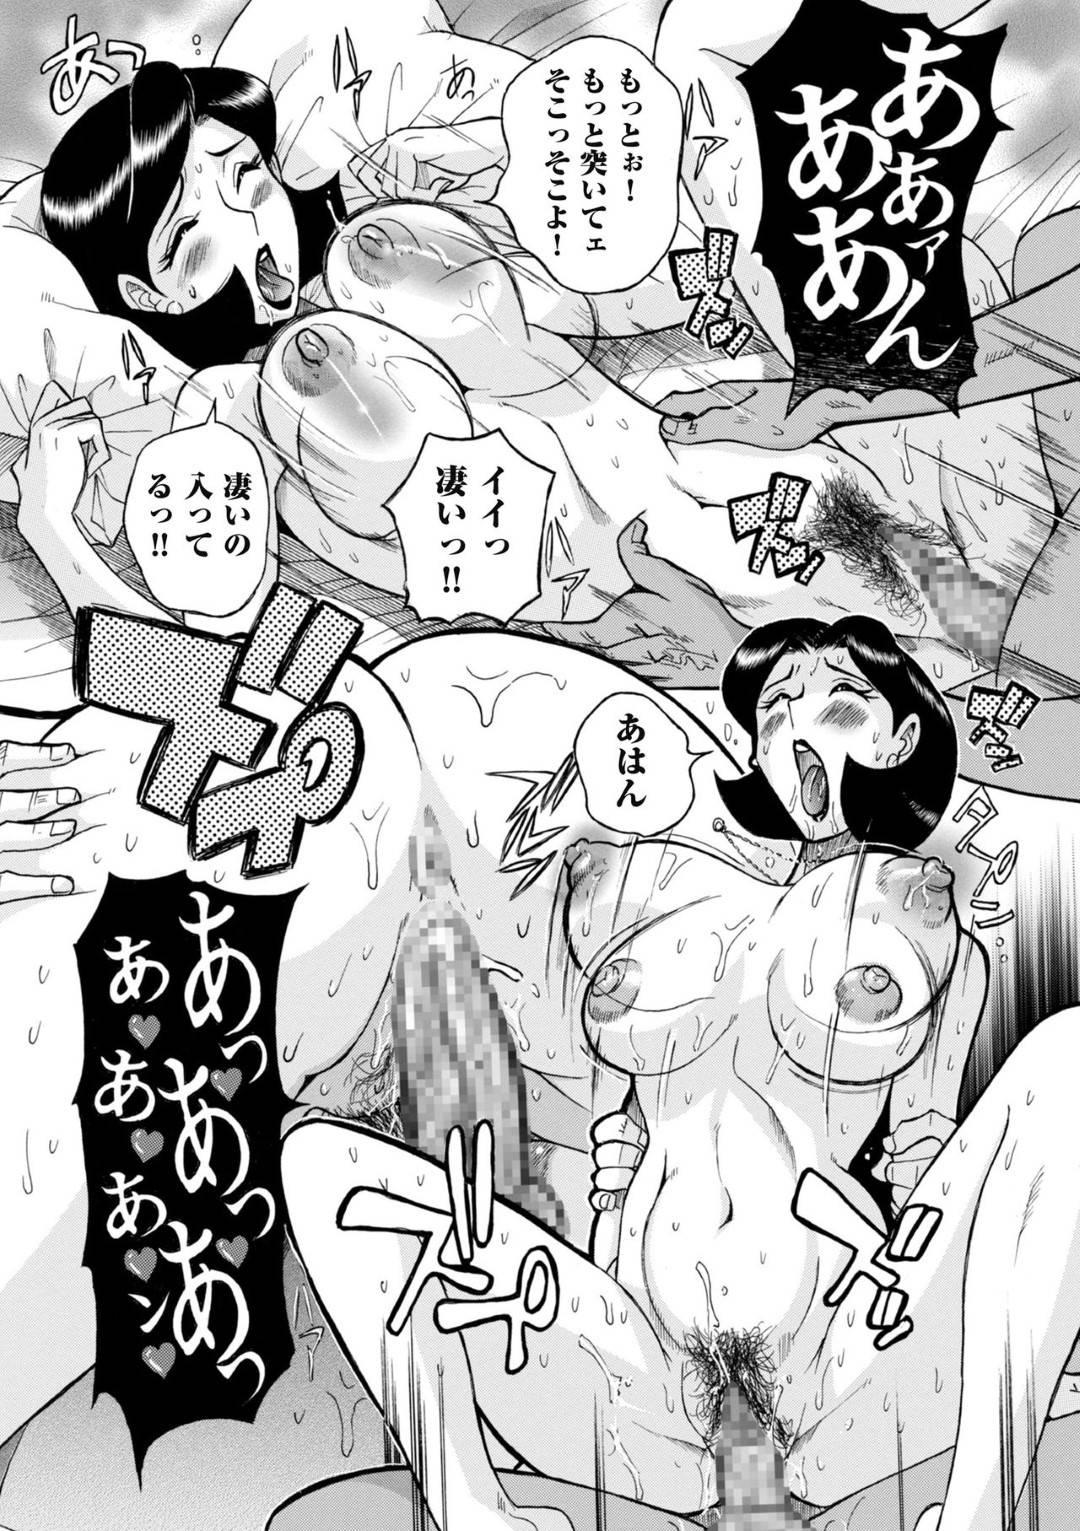 【エロ漫画】息子による媚薬によって催眠調教されている美人な母親…騎乗位の中出しセックスしたりキスしたりして禁断の近親相姦しちゃう!【児島未生:第2話 ママへのおクスリ】